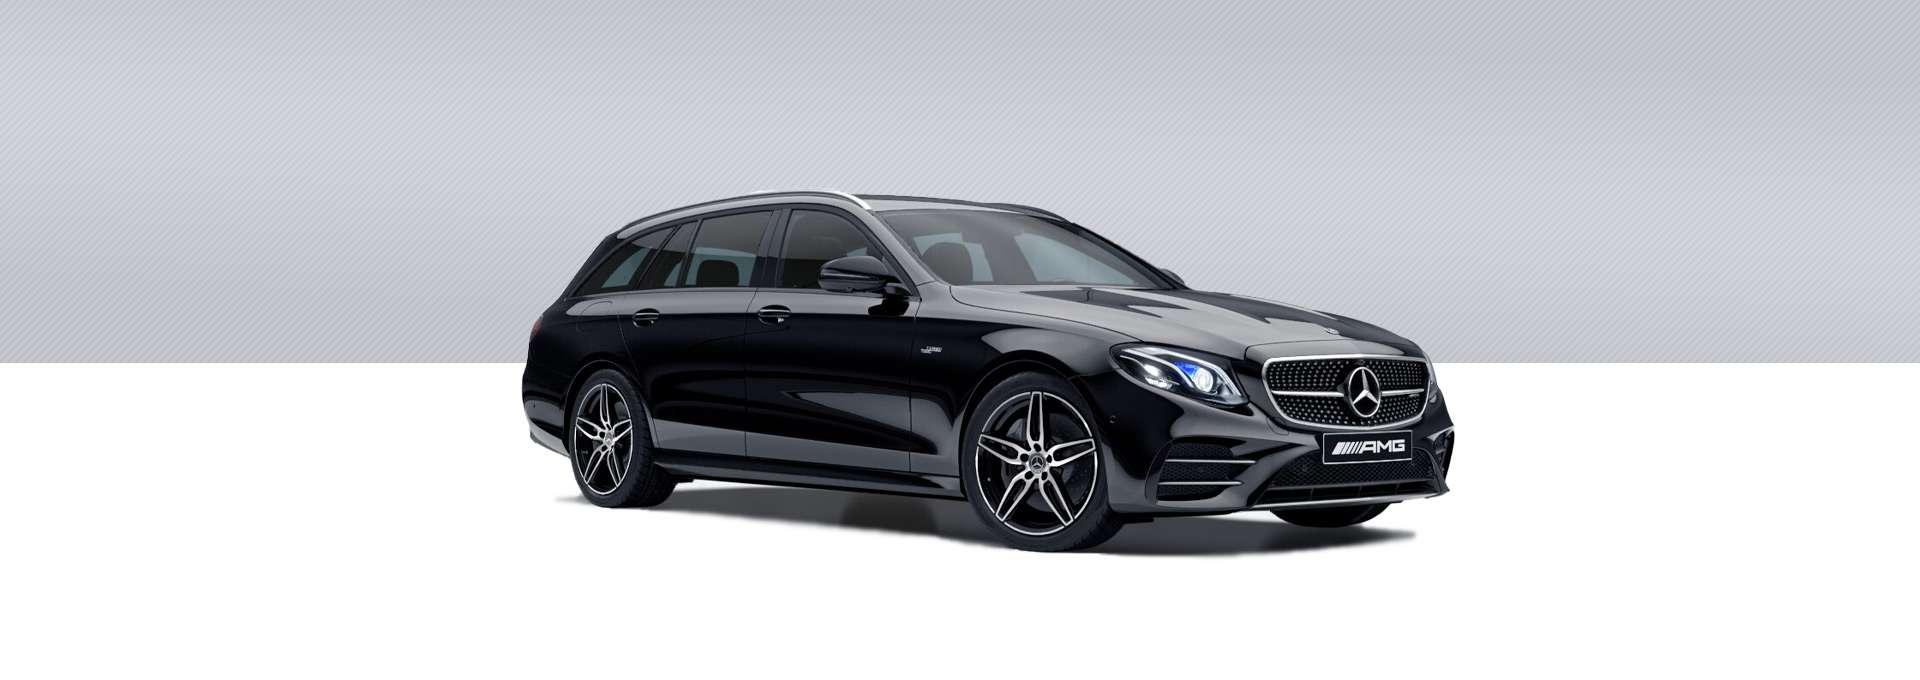 Mercedes Benz AMG CLASE E ESTATE